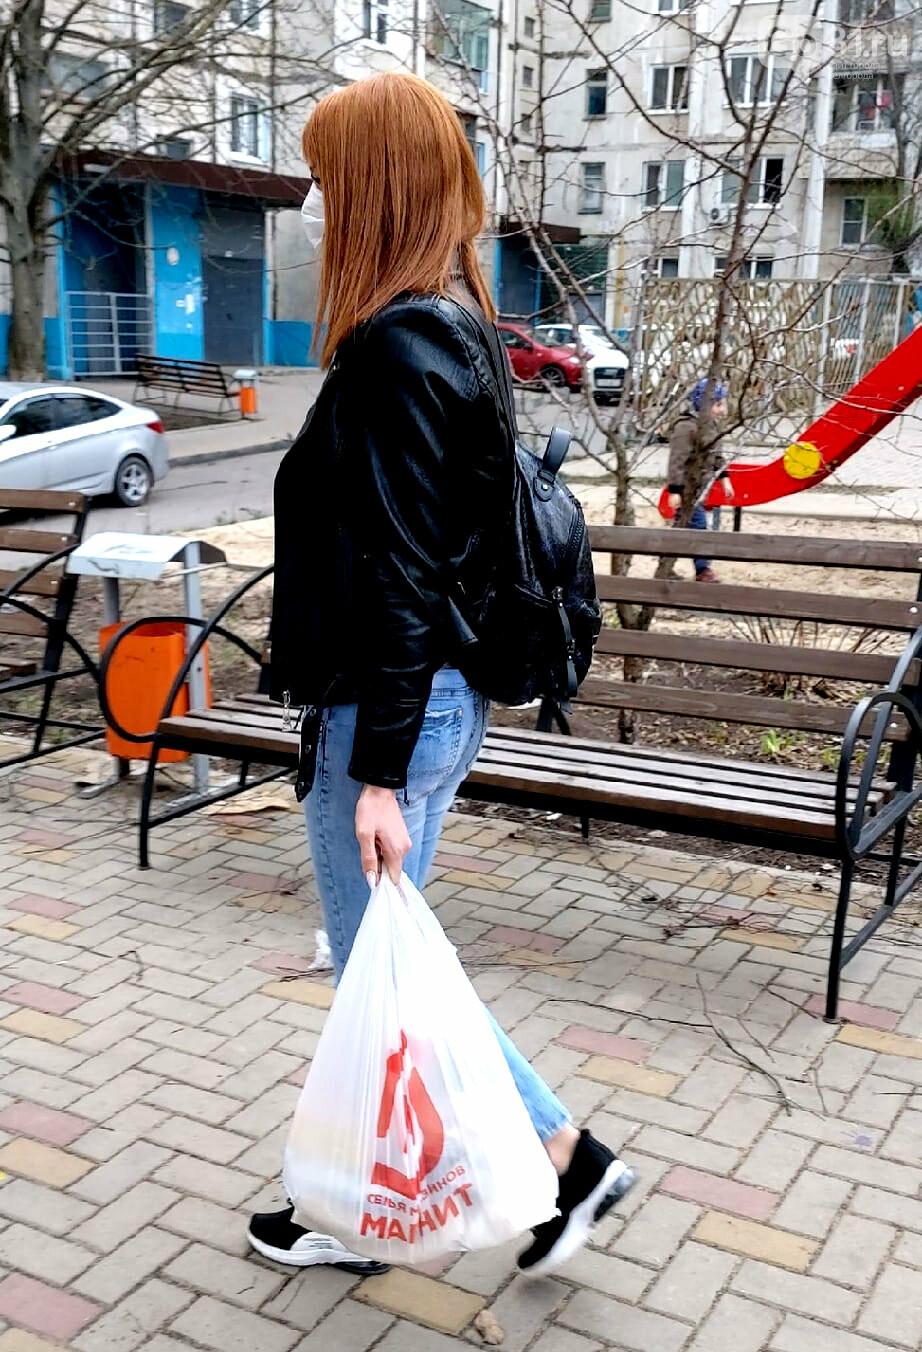 Карантинные хроники. В магазинах – больше масок и дистанции, фото-4, Фото: Надежда Саушина